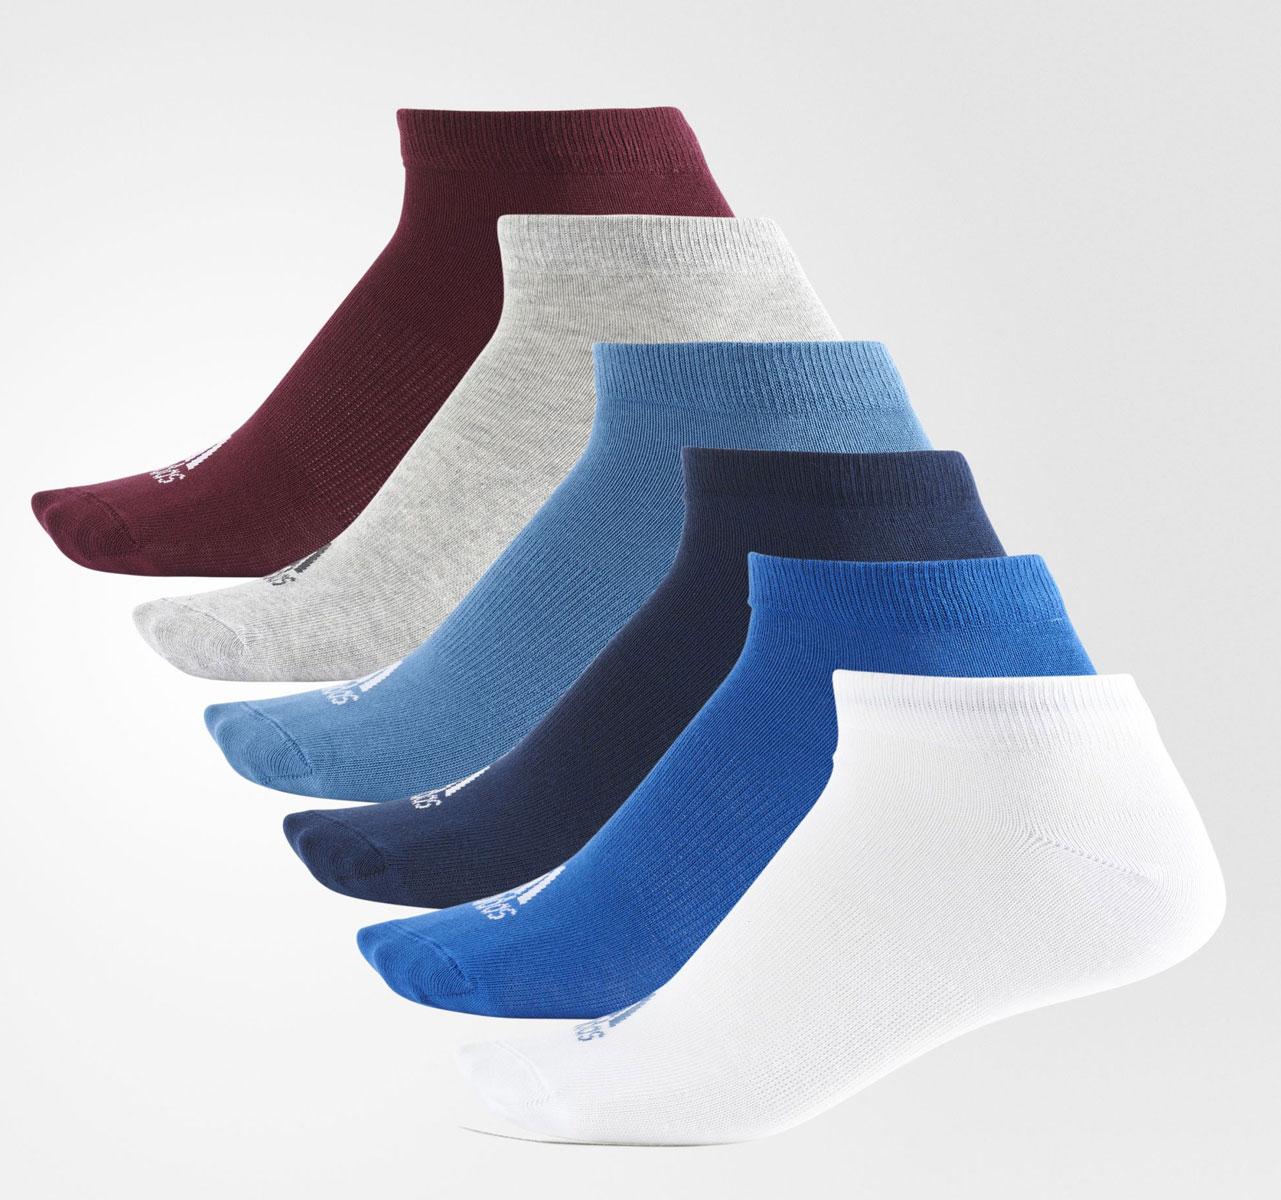 Комплект носков Adidas, цвет: мультиколор. S99896. Размер 39/42S99896Носки от Adidas из мягкого тонкого материала для тренировки в теплую погоду. Идеальная посадка и поддержка свода стопы.